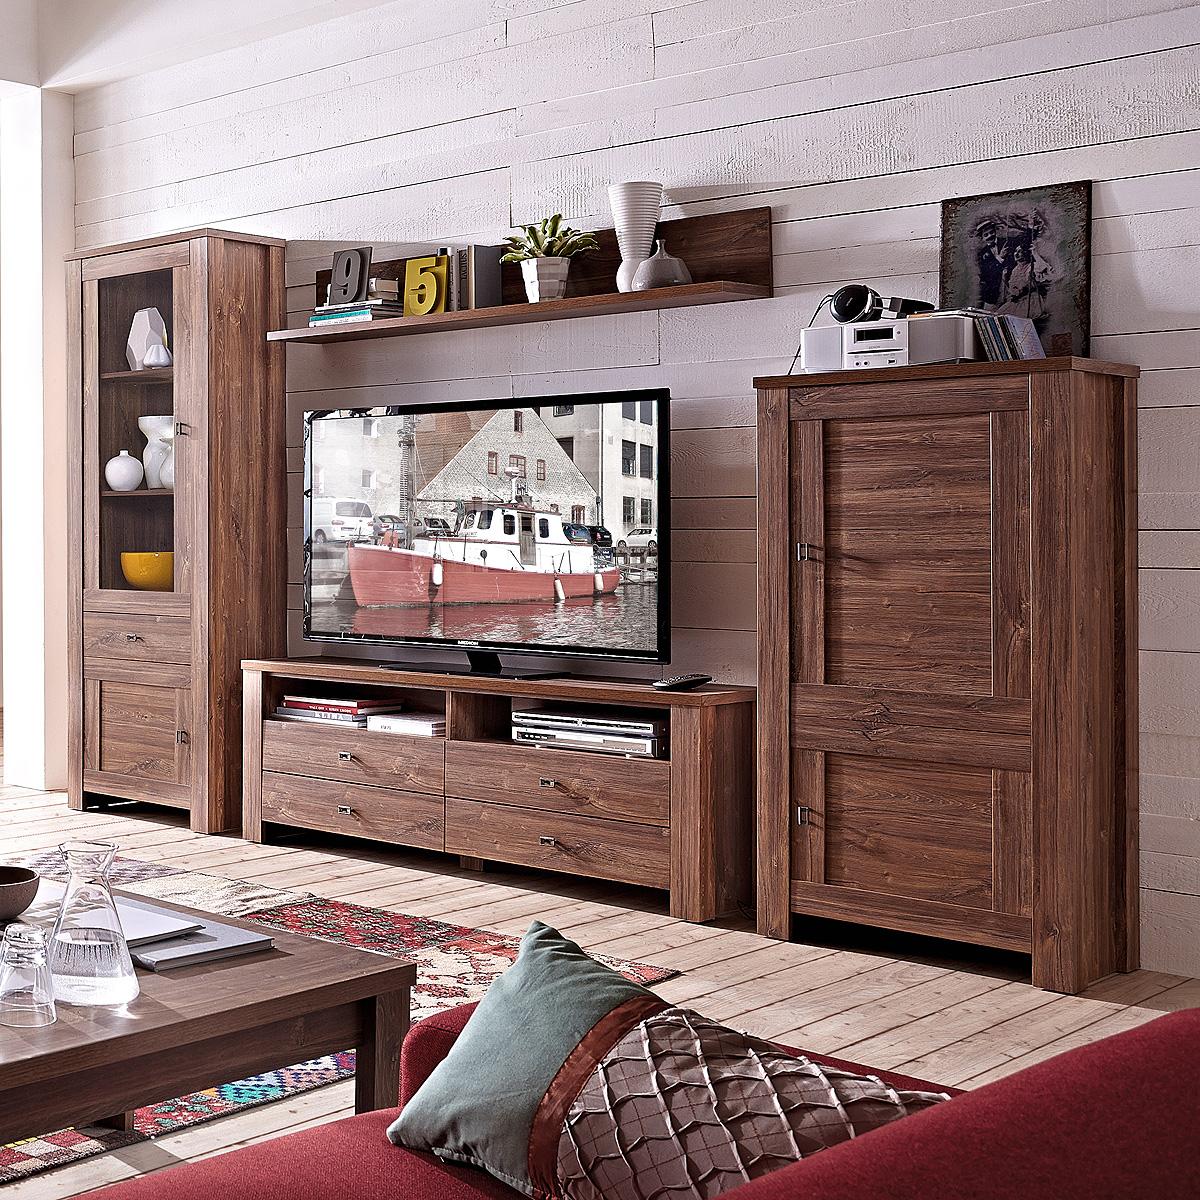 Beeindruckend Anbauwand Wohnzimmer Ideen Von Das Bild Wird Geladen Wohnwand-1-bruessel-anbauwand-wohnkombi-wohnzimmer -in-akazie-